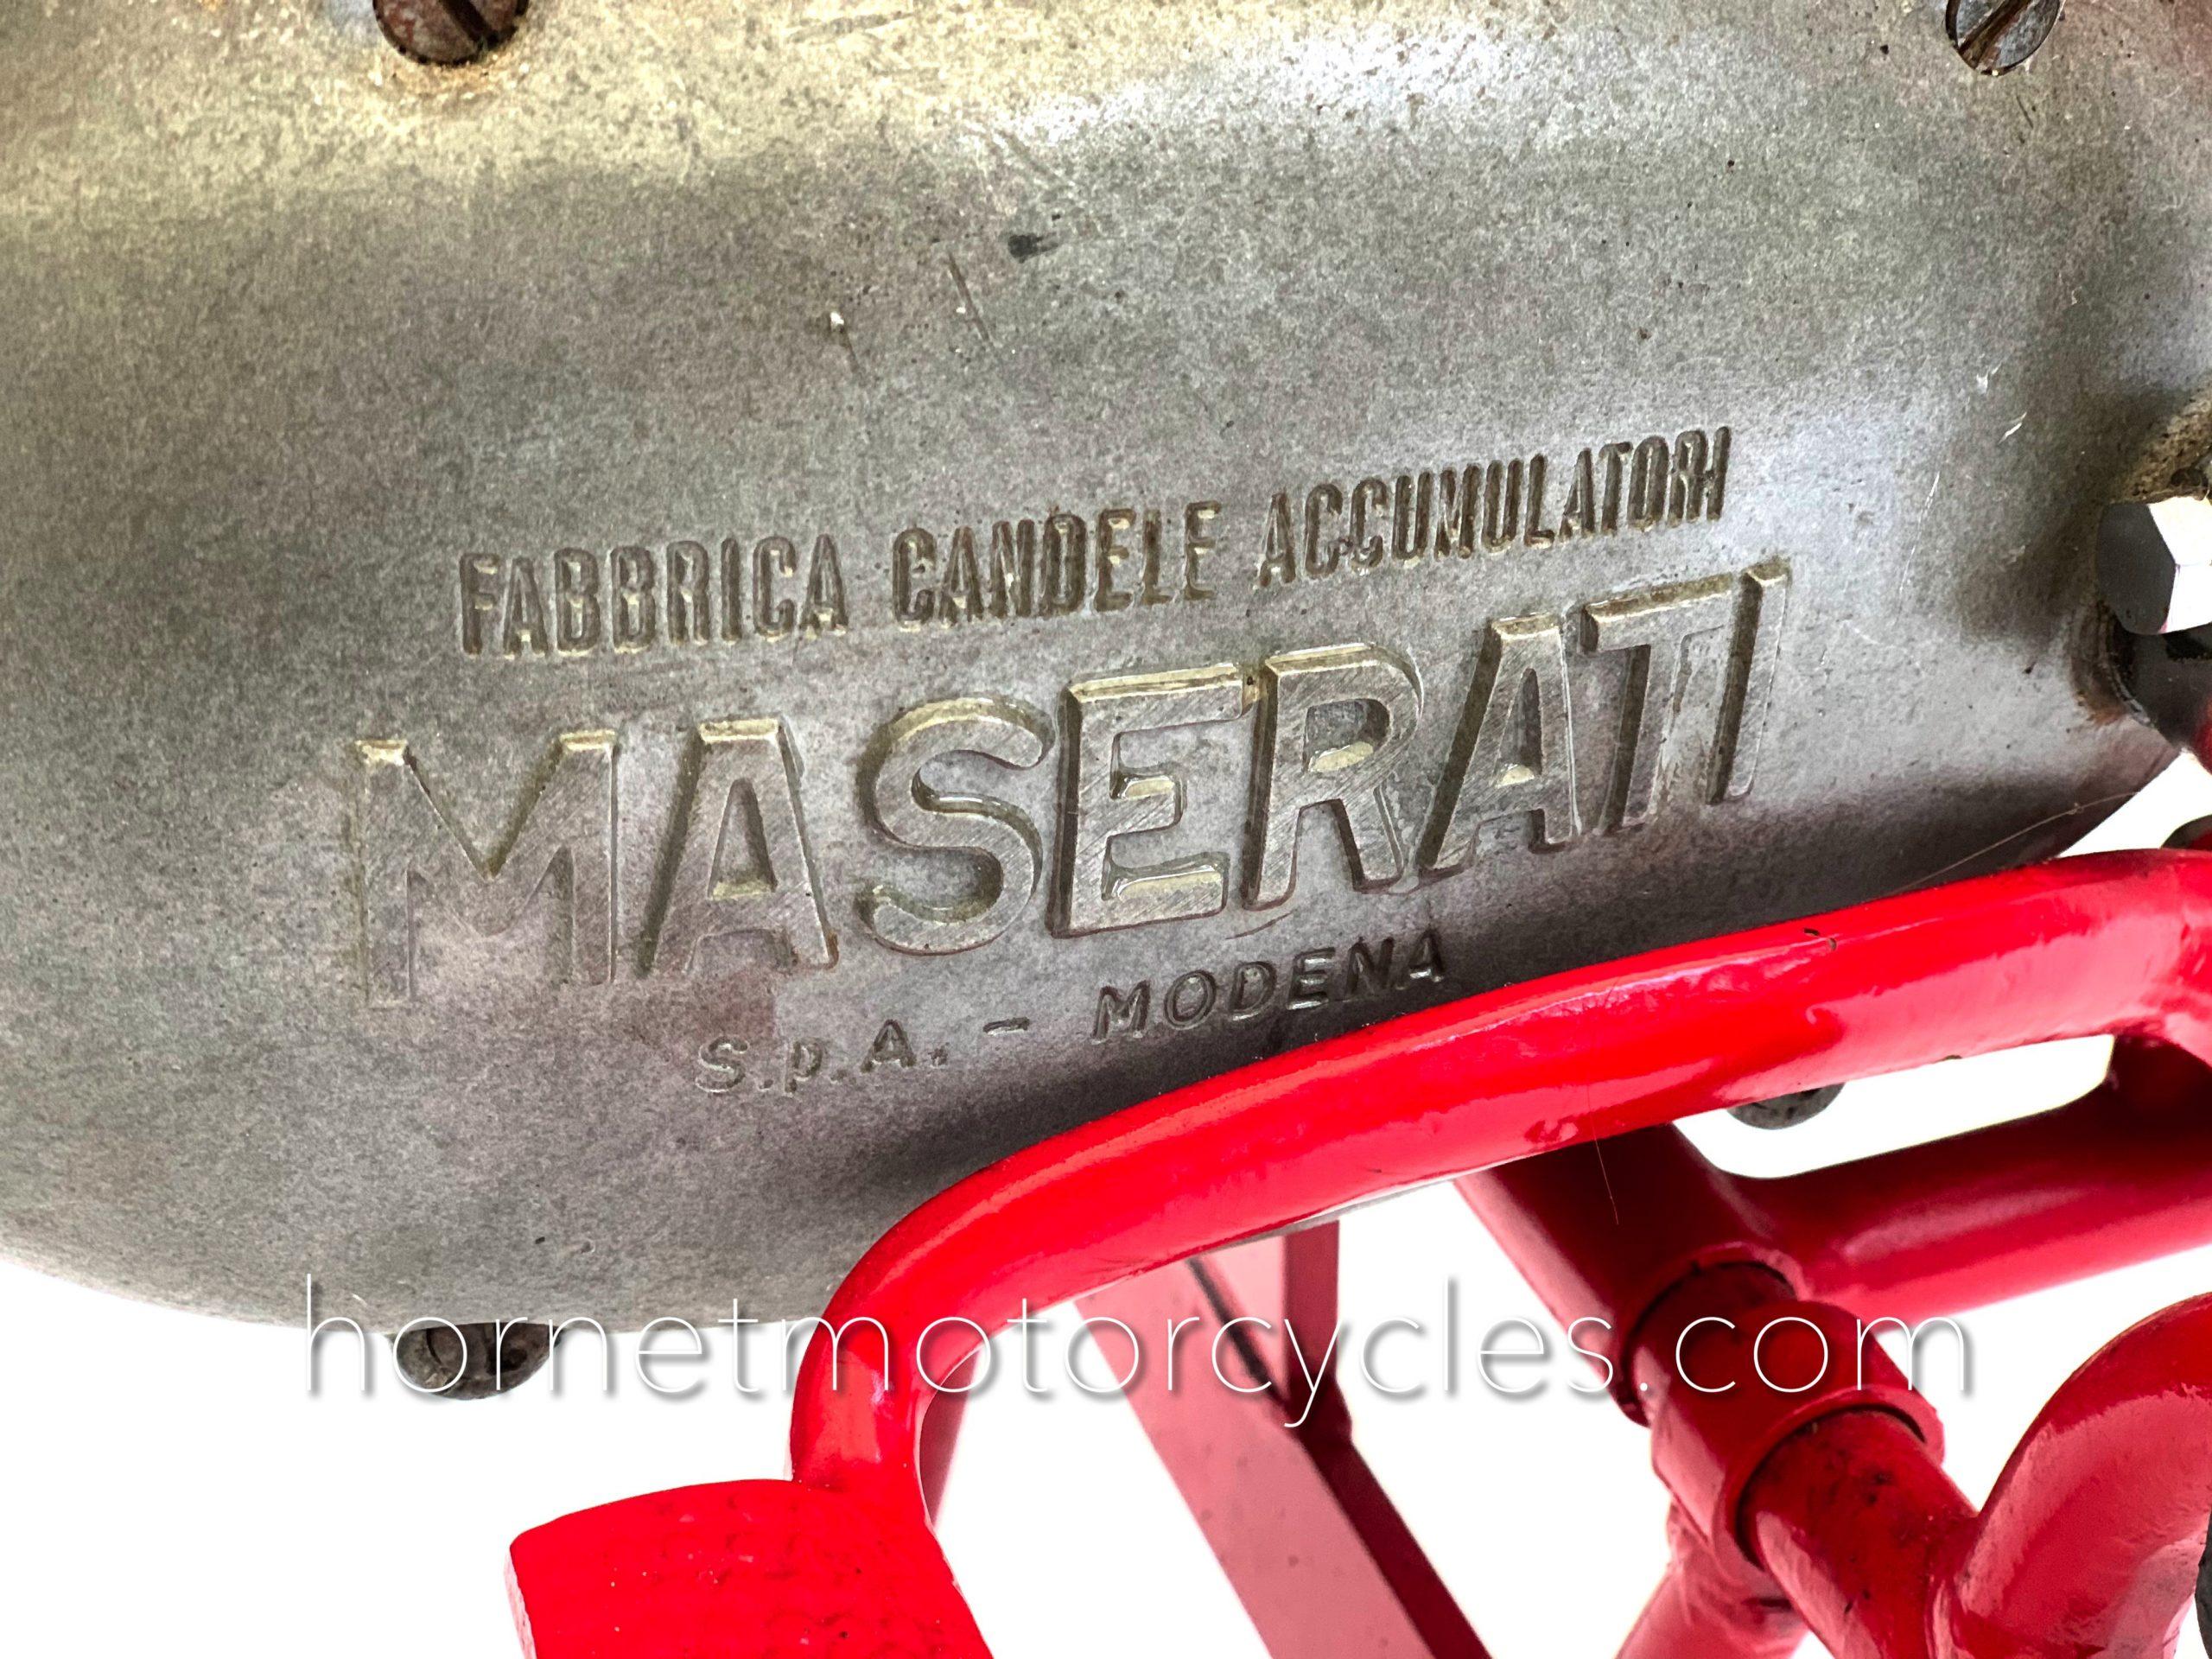 Maserati 125 T2 Turismo Lusso